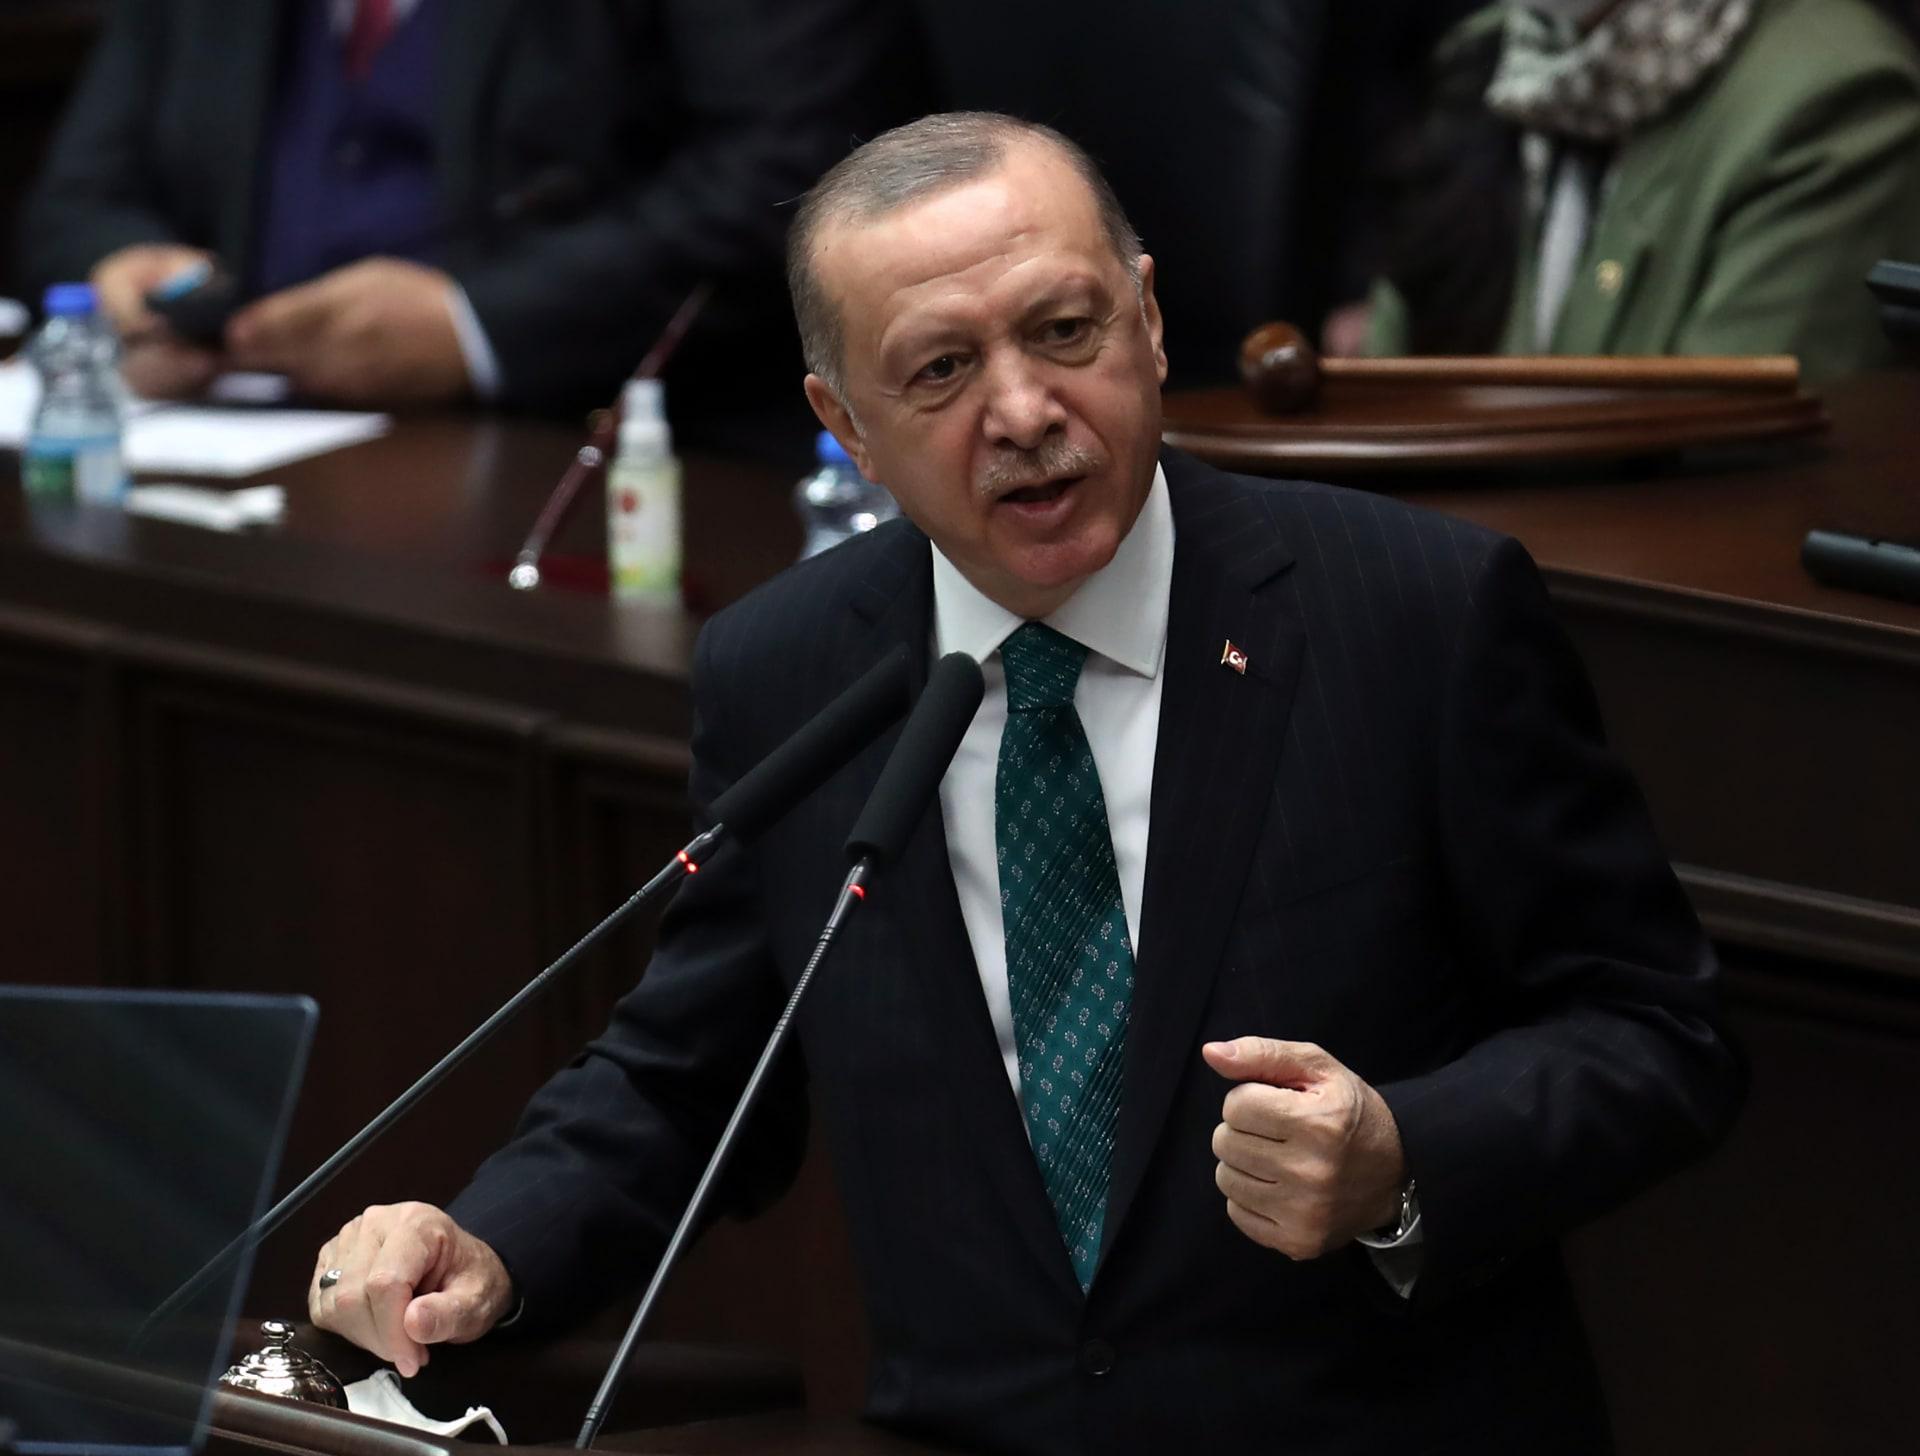 أردوغان يقارن أداء مضيق البوسفور بقناة السويس.. ويتحدى معارضي قناة إسطنبول: شئتم أم أبيتم سنبنيها